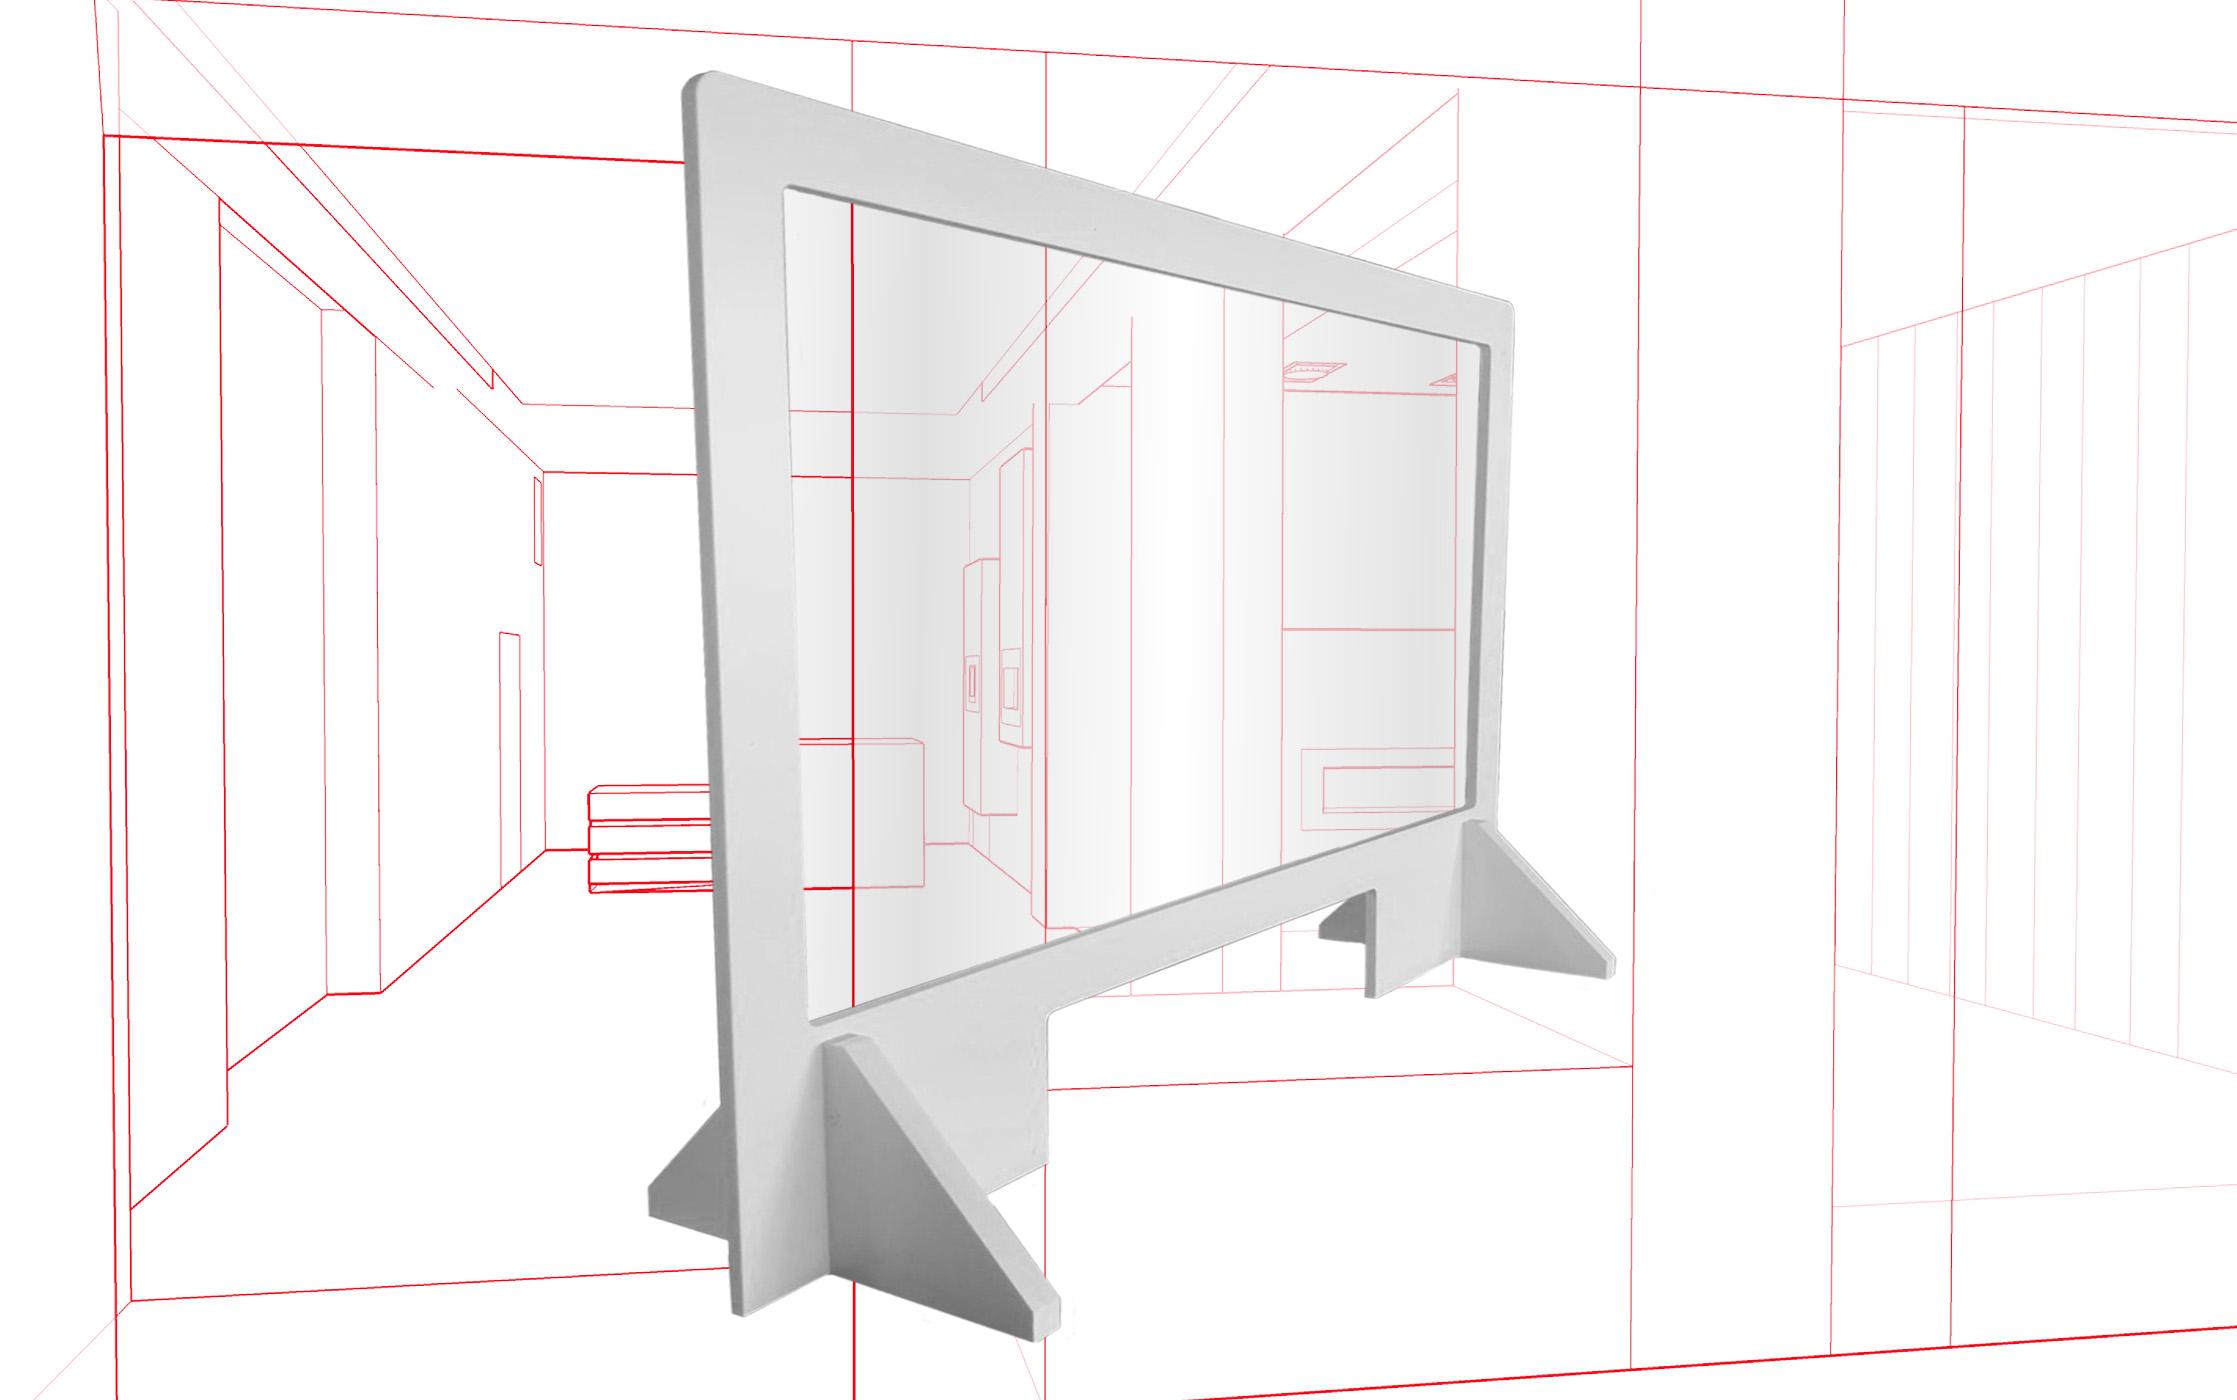 Barrière de protection transparente hygiaphone